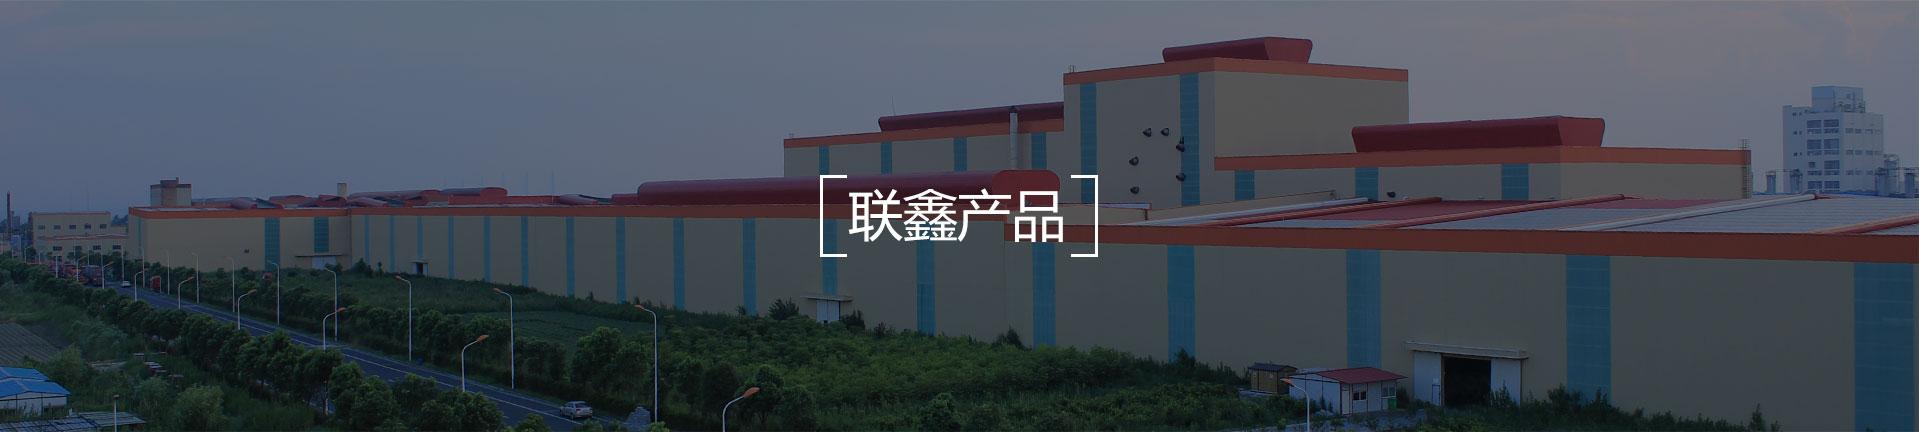 鲨鱼直播官网体育直播006火箭产品